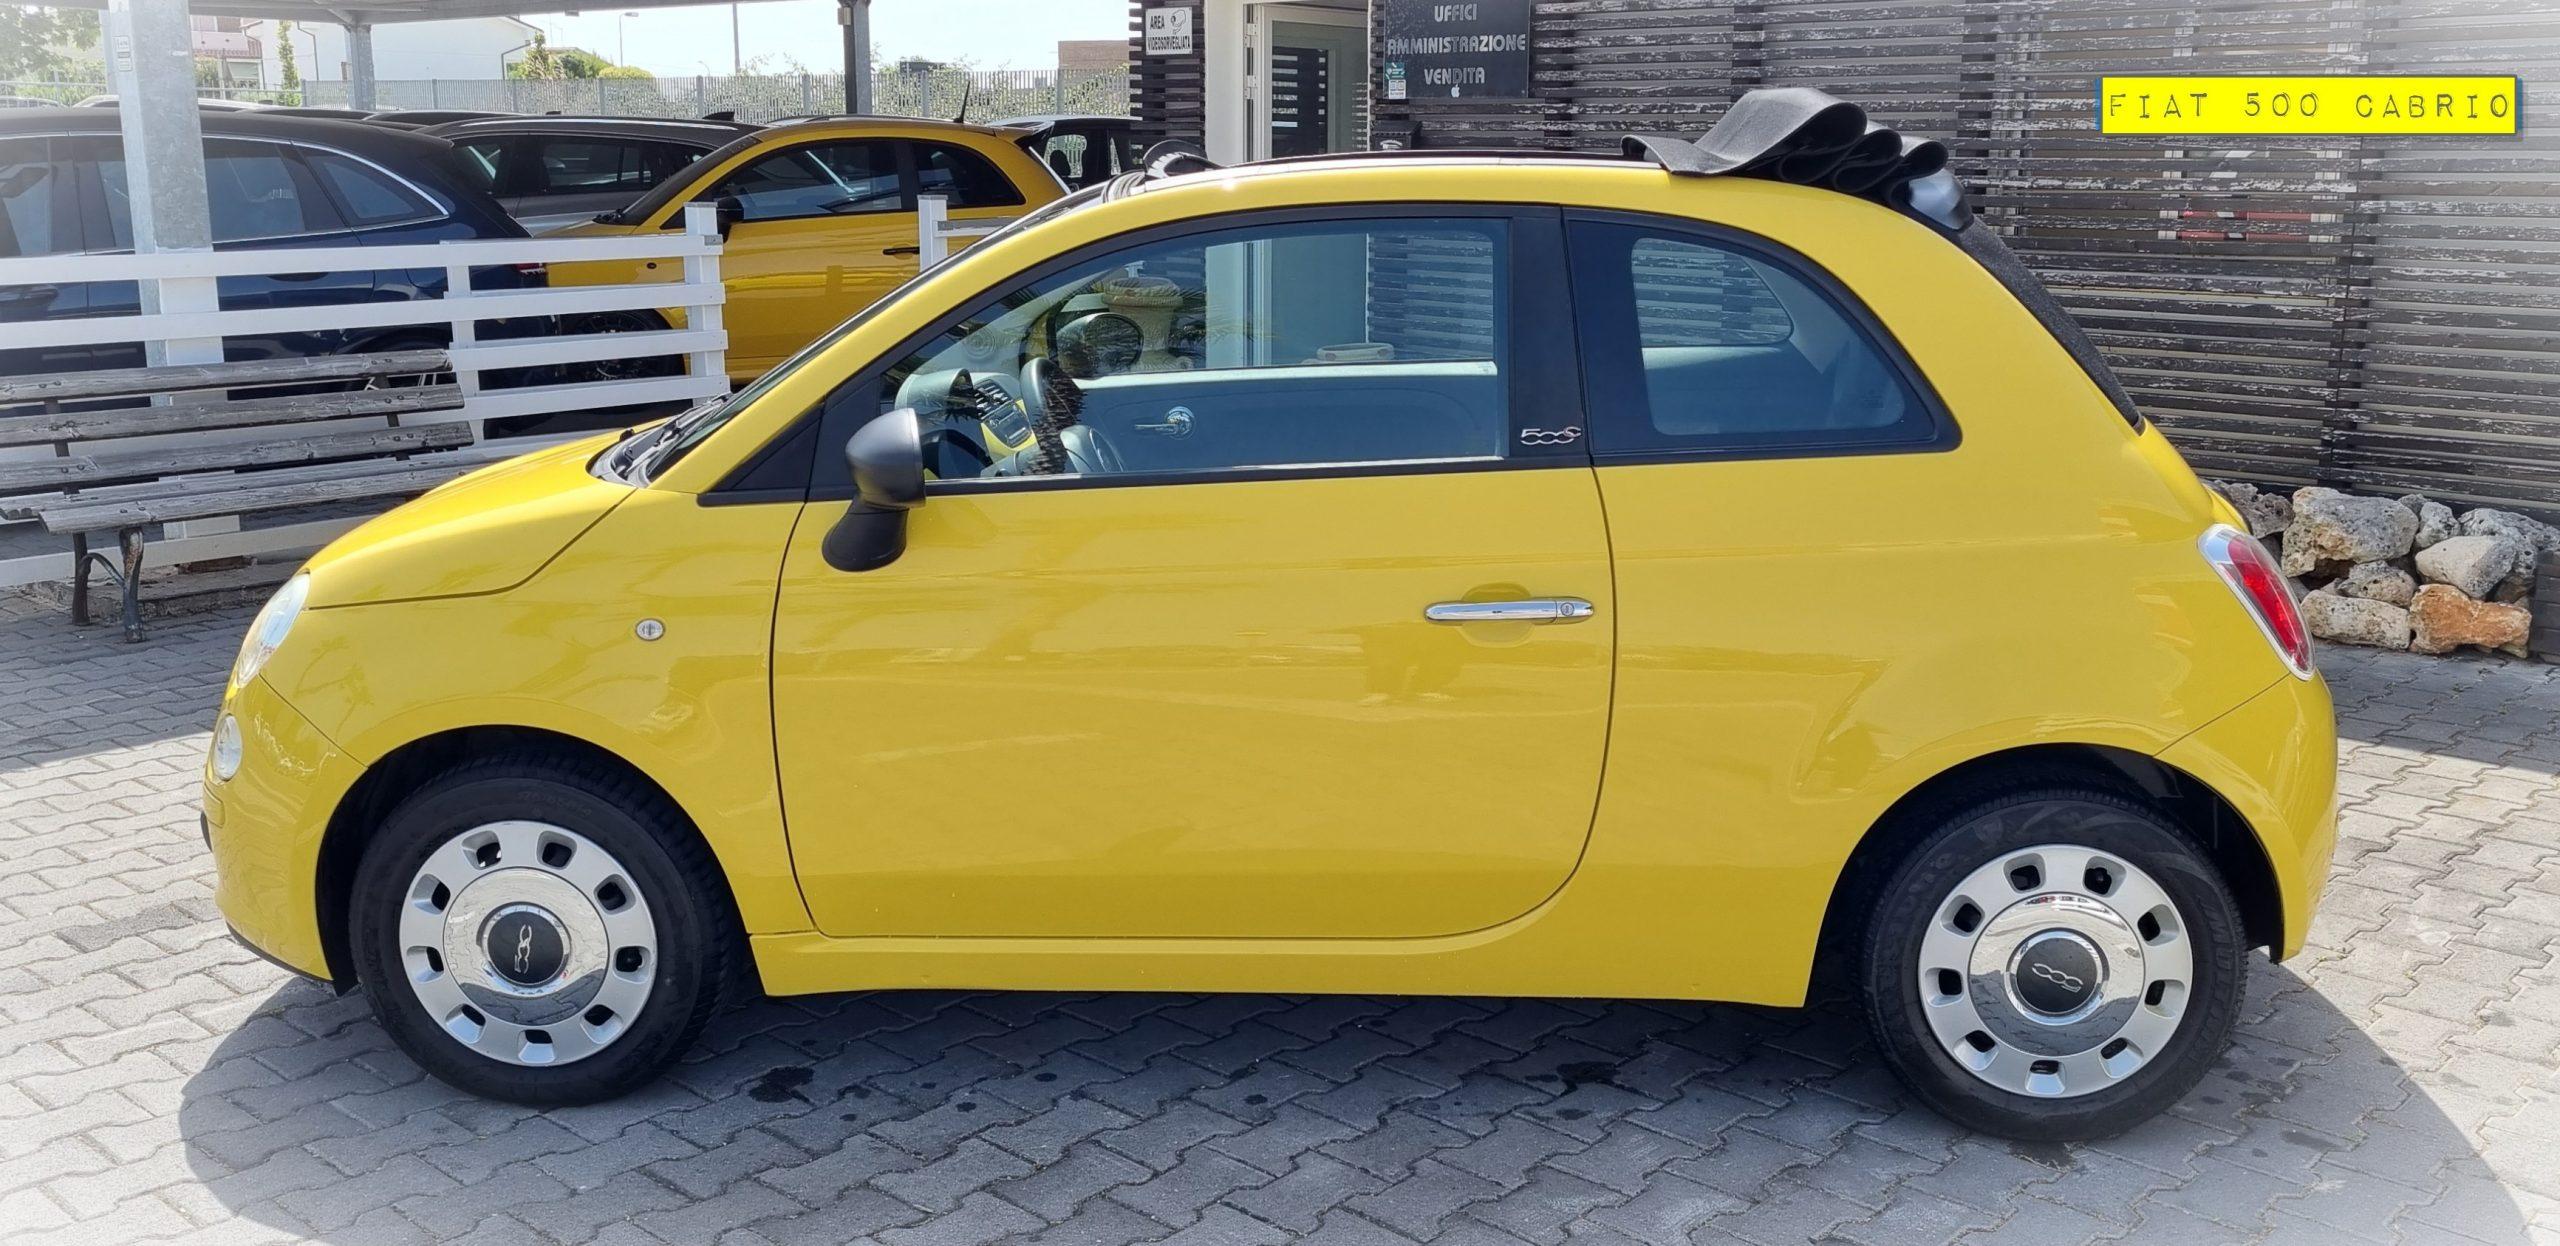 FIAT 500 C – Cabrio